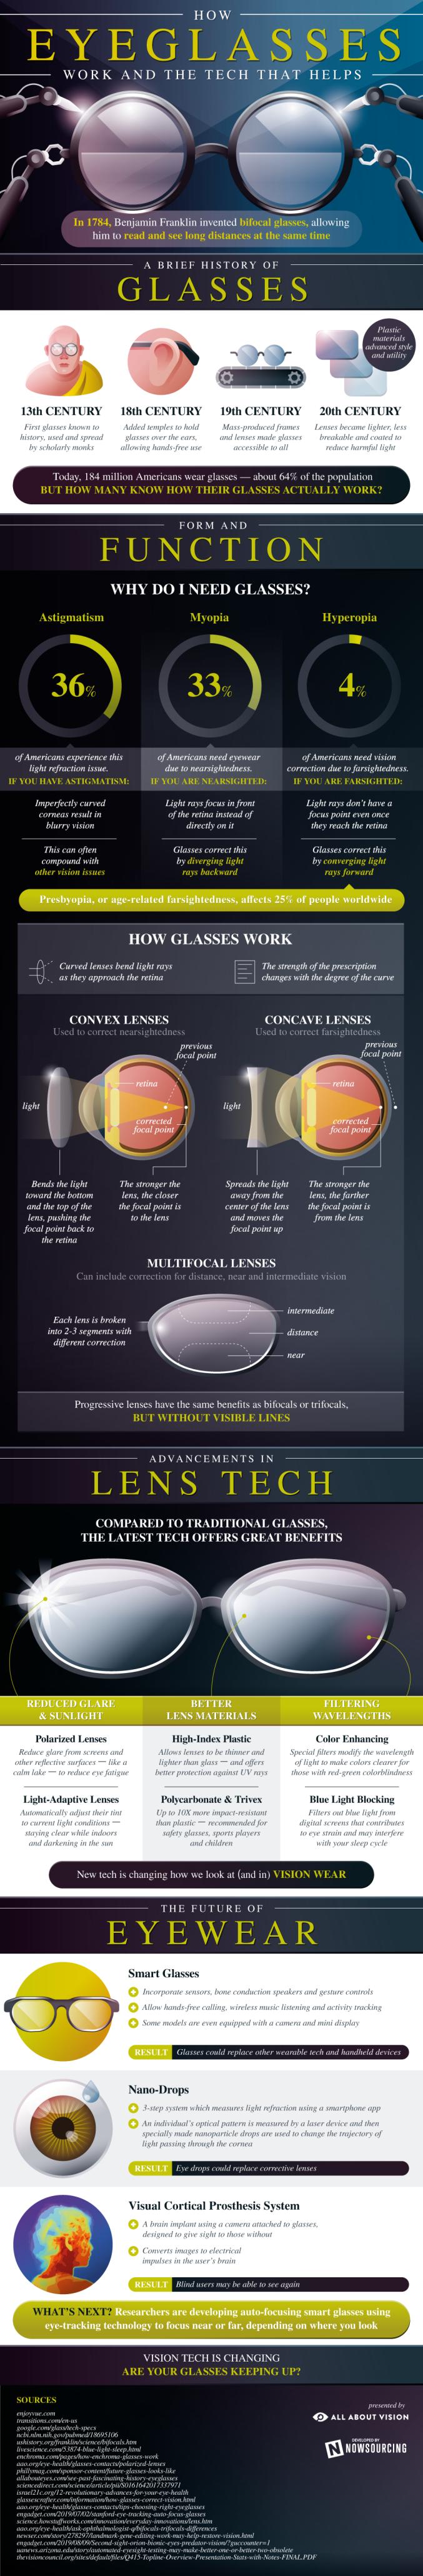 How Do Glasses Work? 1